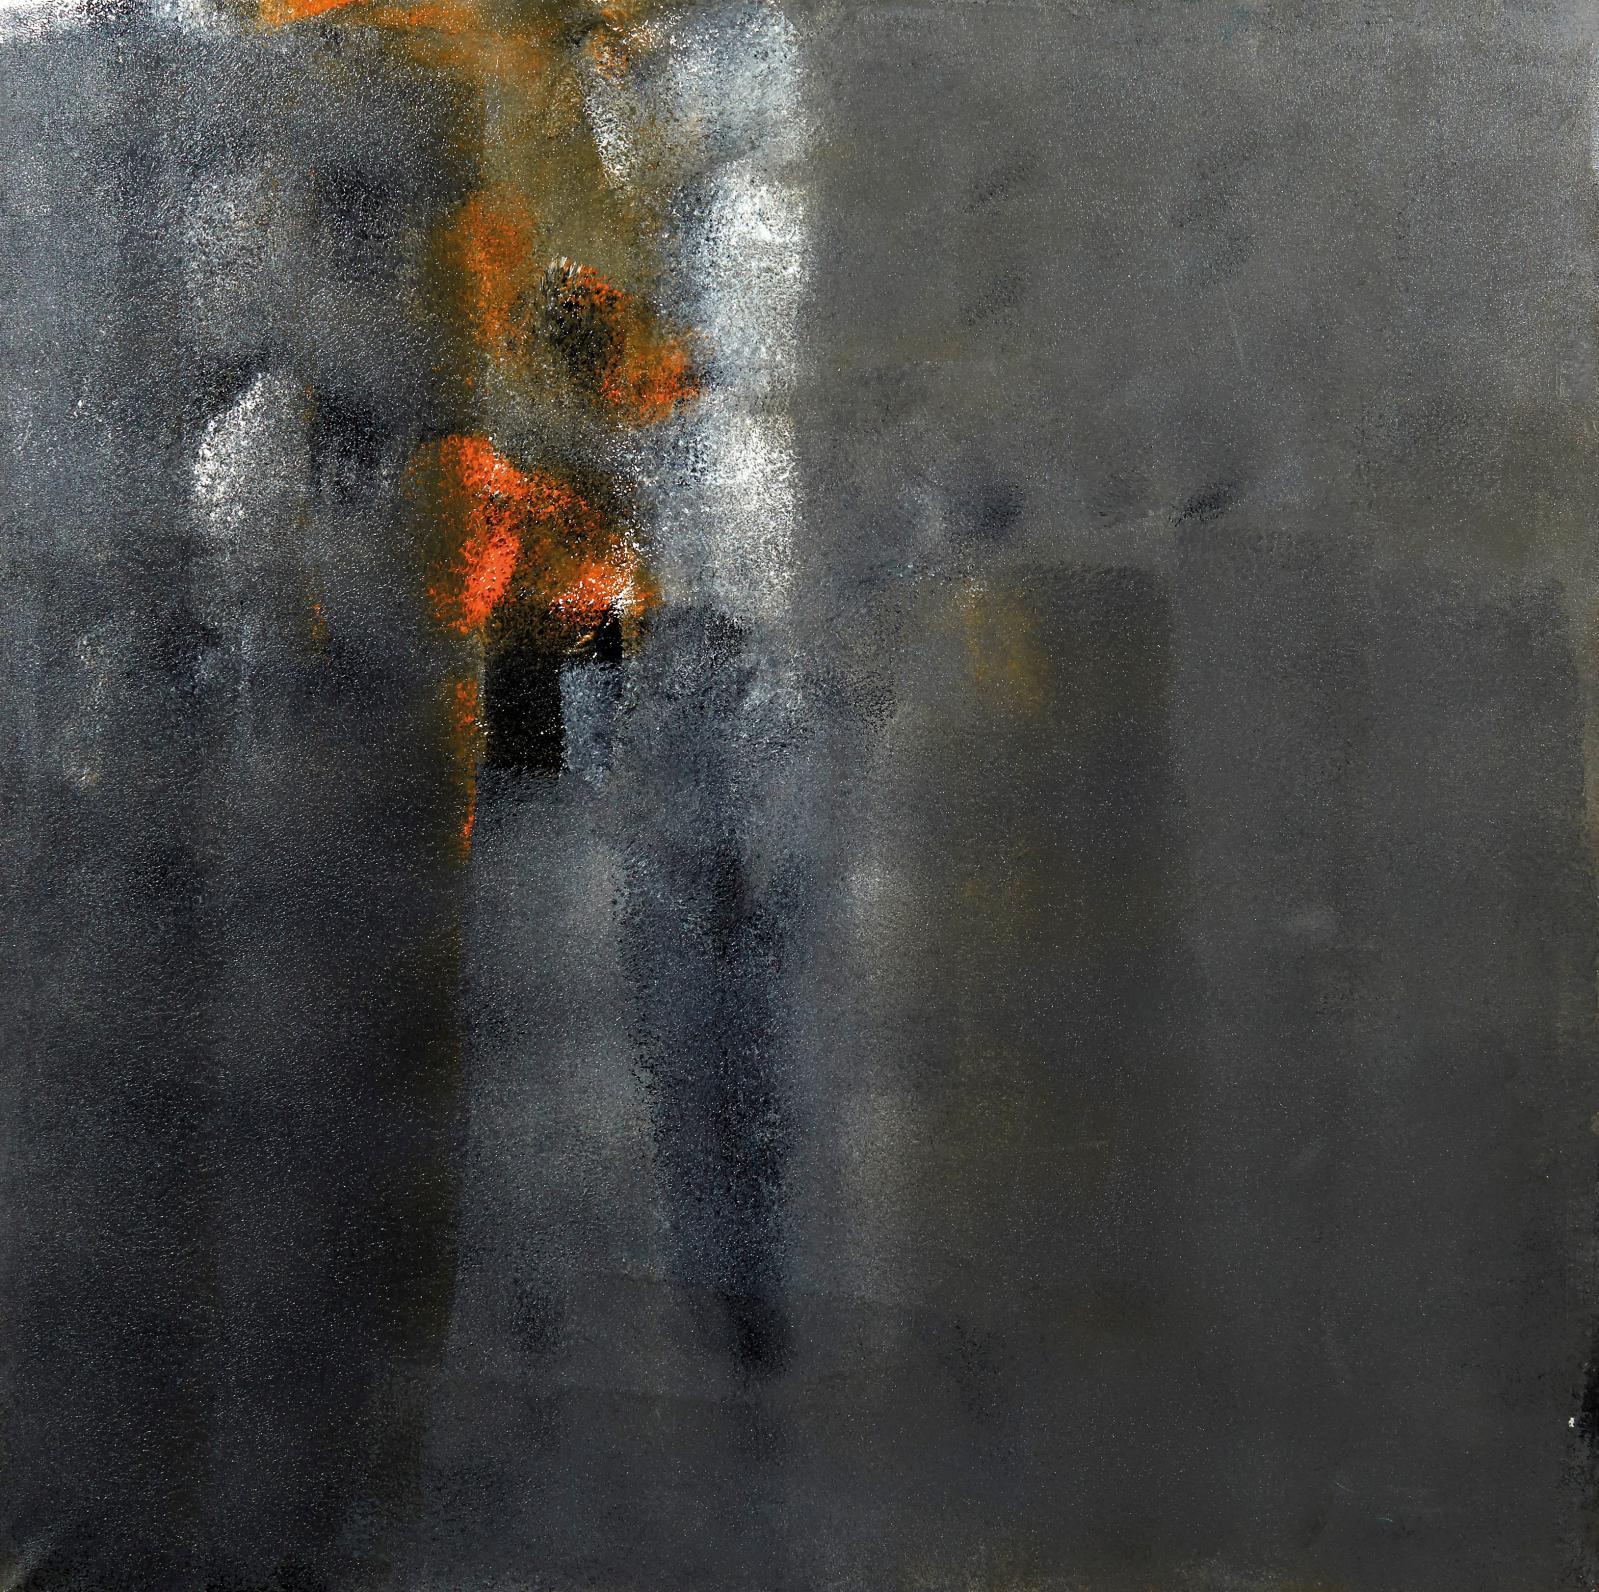 Roger Taillibert, Composition grise et orange, huile sur toile, 150x150cm. Estimation: 5000/8000€